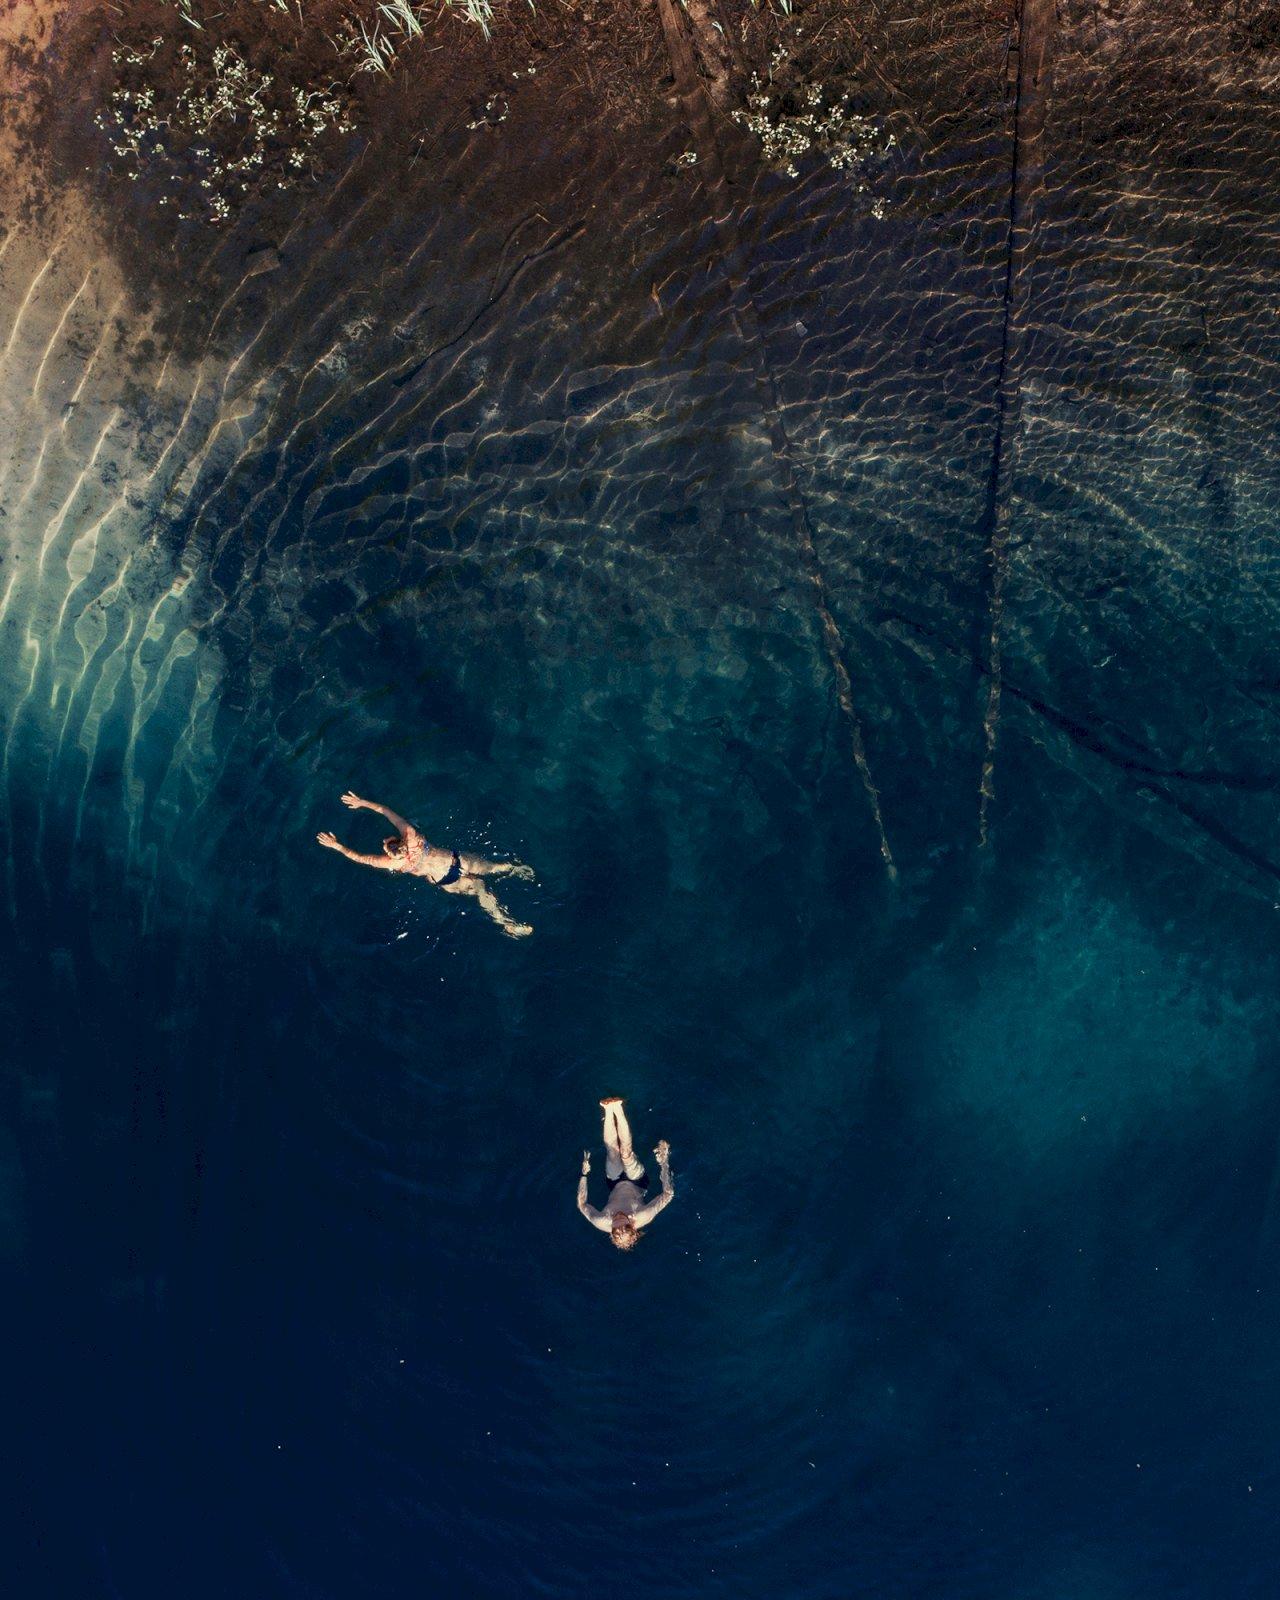 Kaksi henkilöä uivat kirkkaassa suppalammessa Rokuan kansallispuistossa.